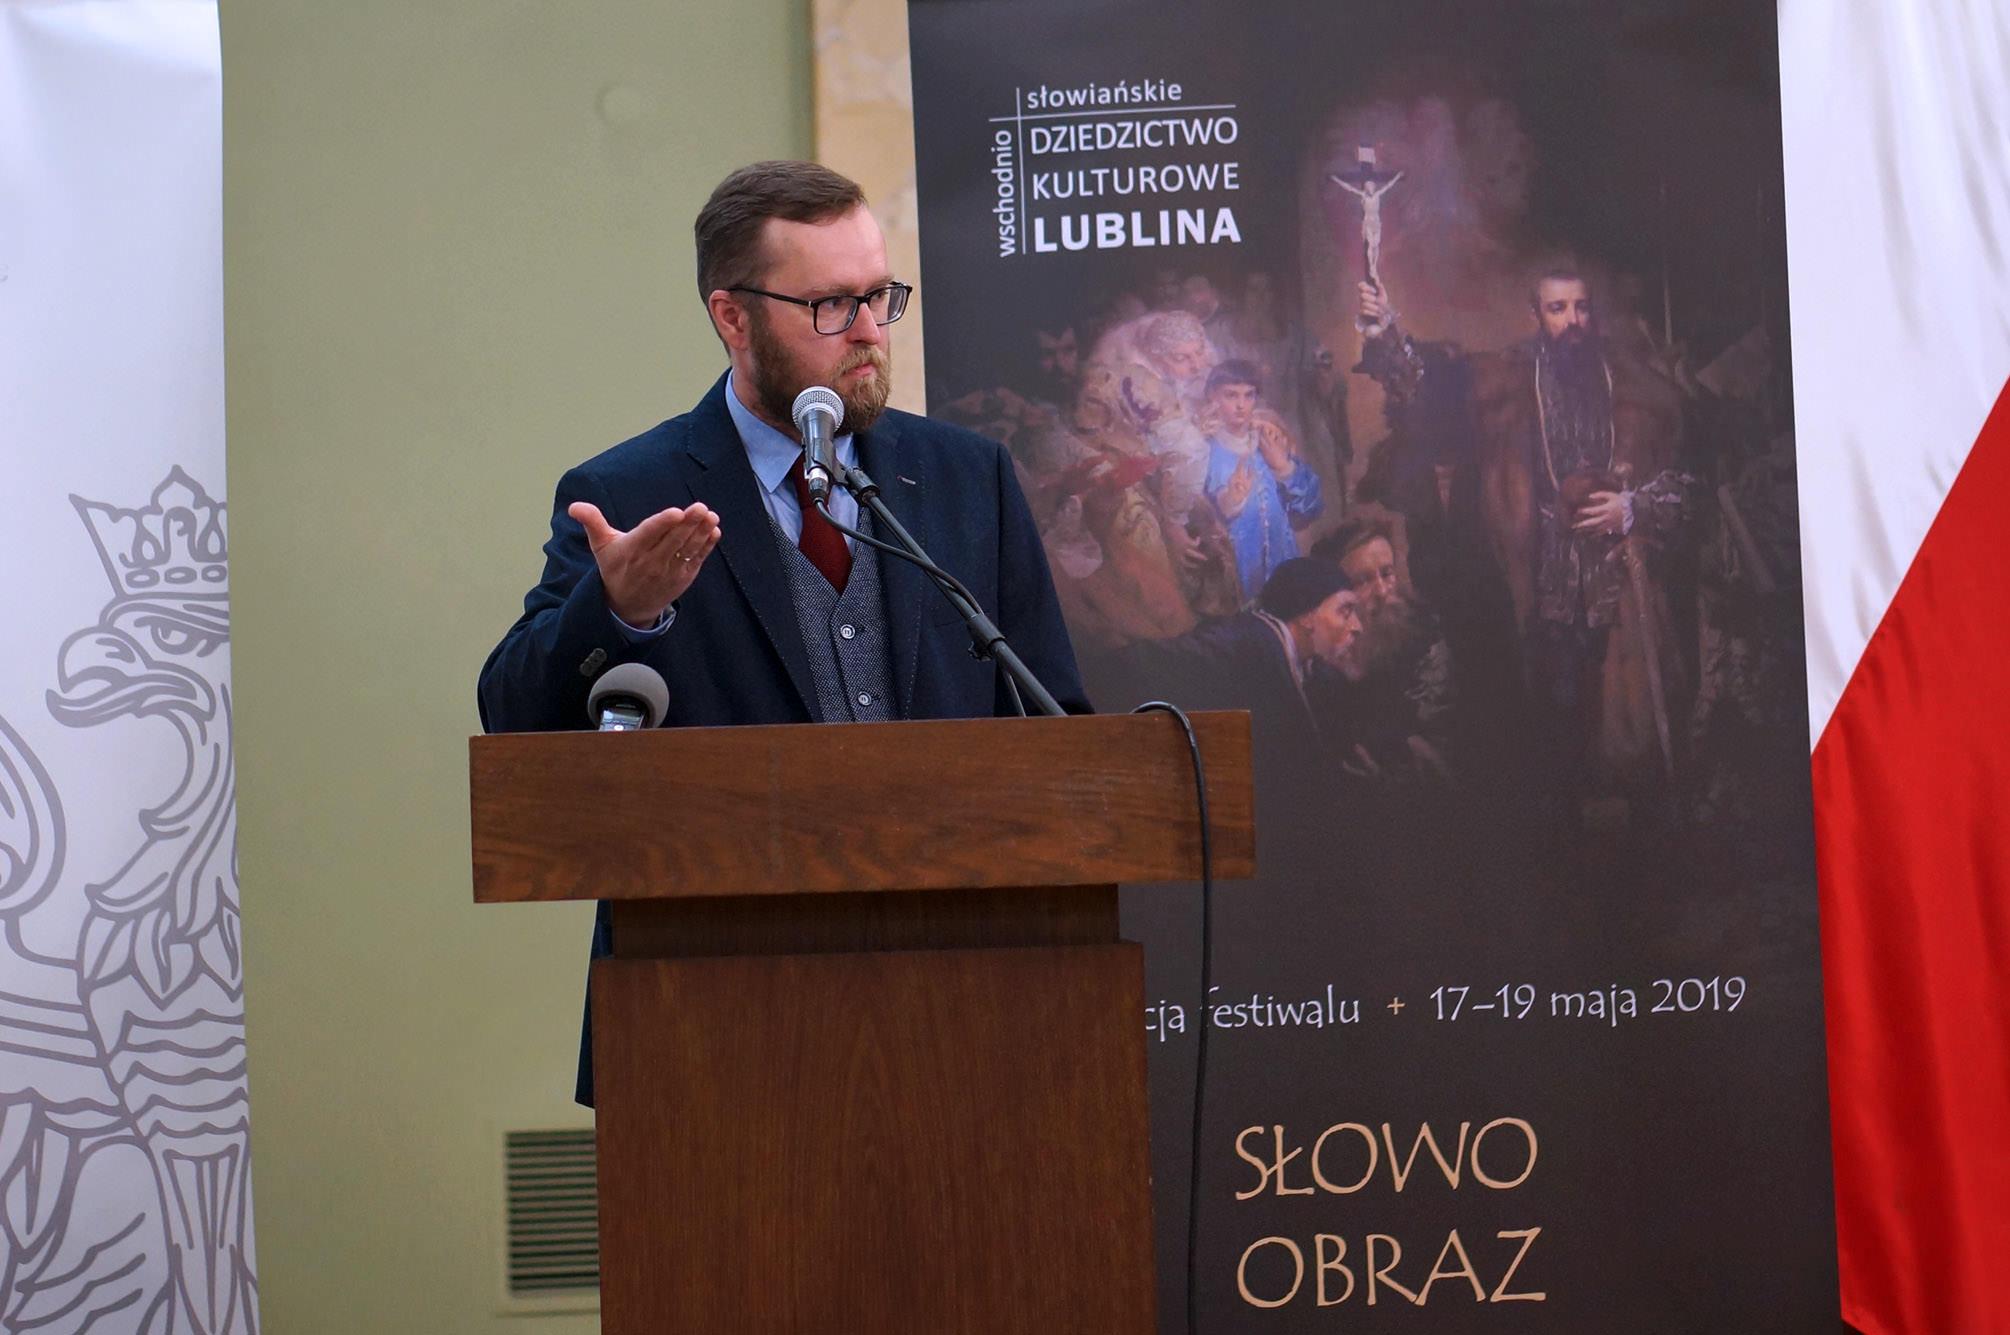 Dr Paweł Matwiejczuk